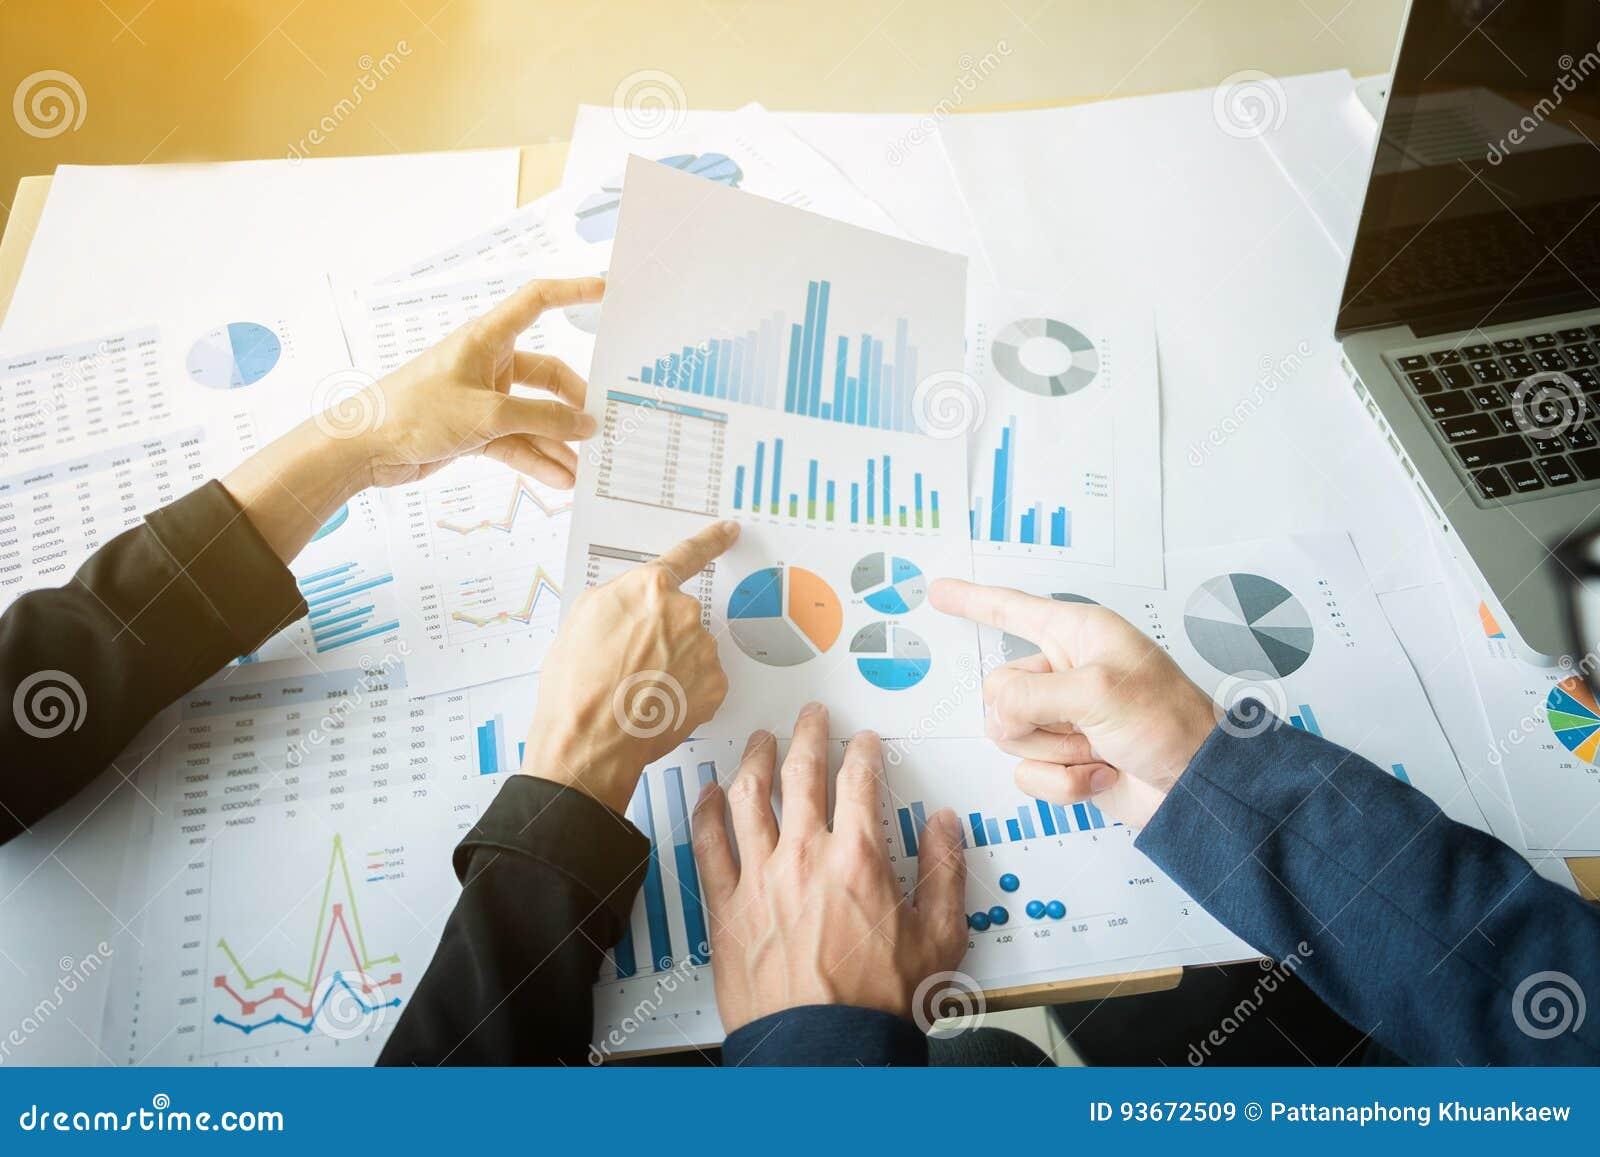 Έννοια συνεδρίασης των ομάδων ανάλυσης μάρκετινγκ Νέο πλήρωμα επιχειρηματιών